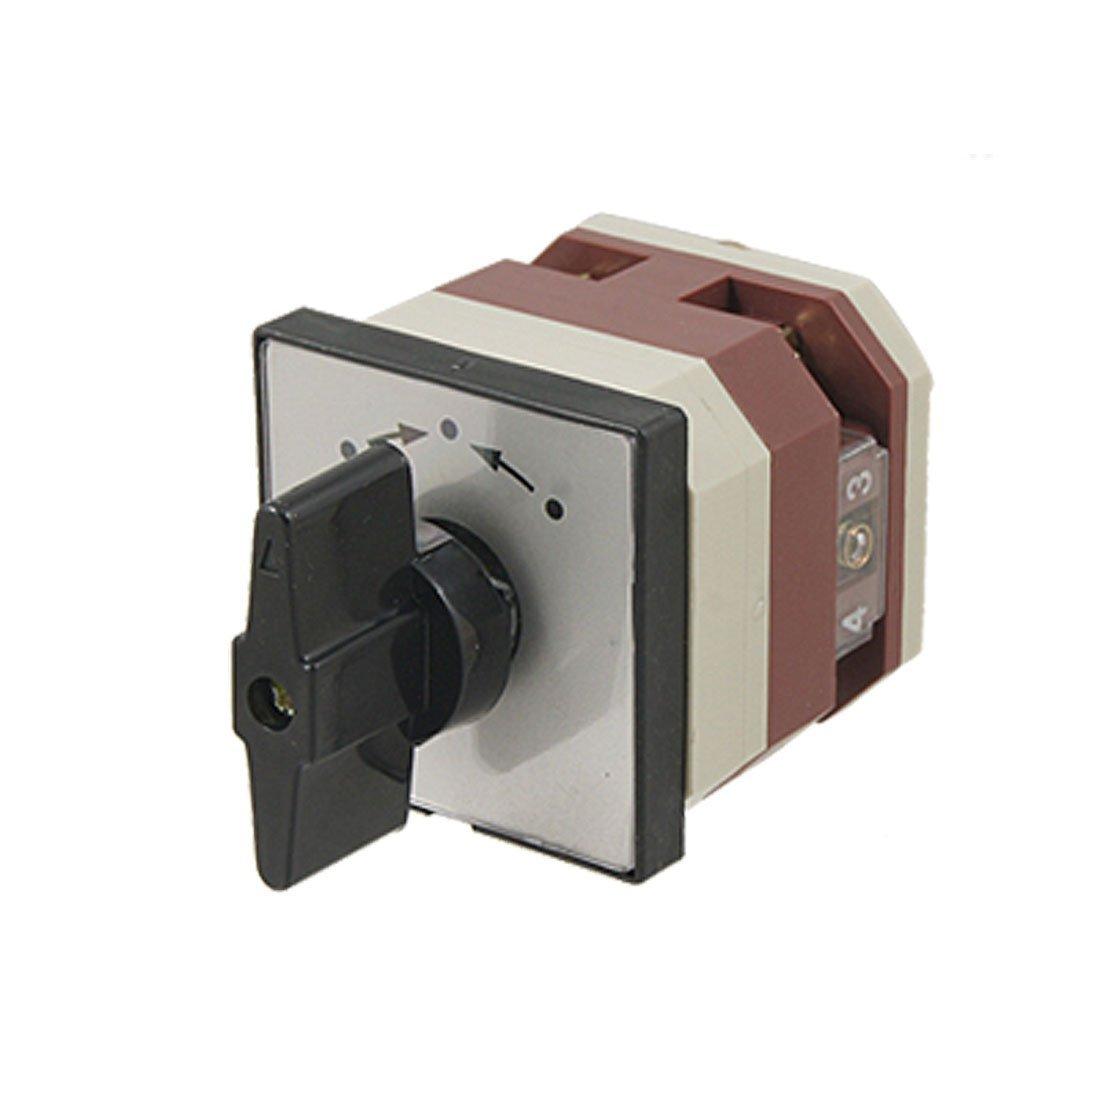 eDealMax automático Restablecer interruptor giratorio la leva de cambio Universal